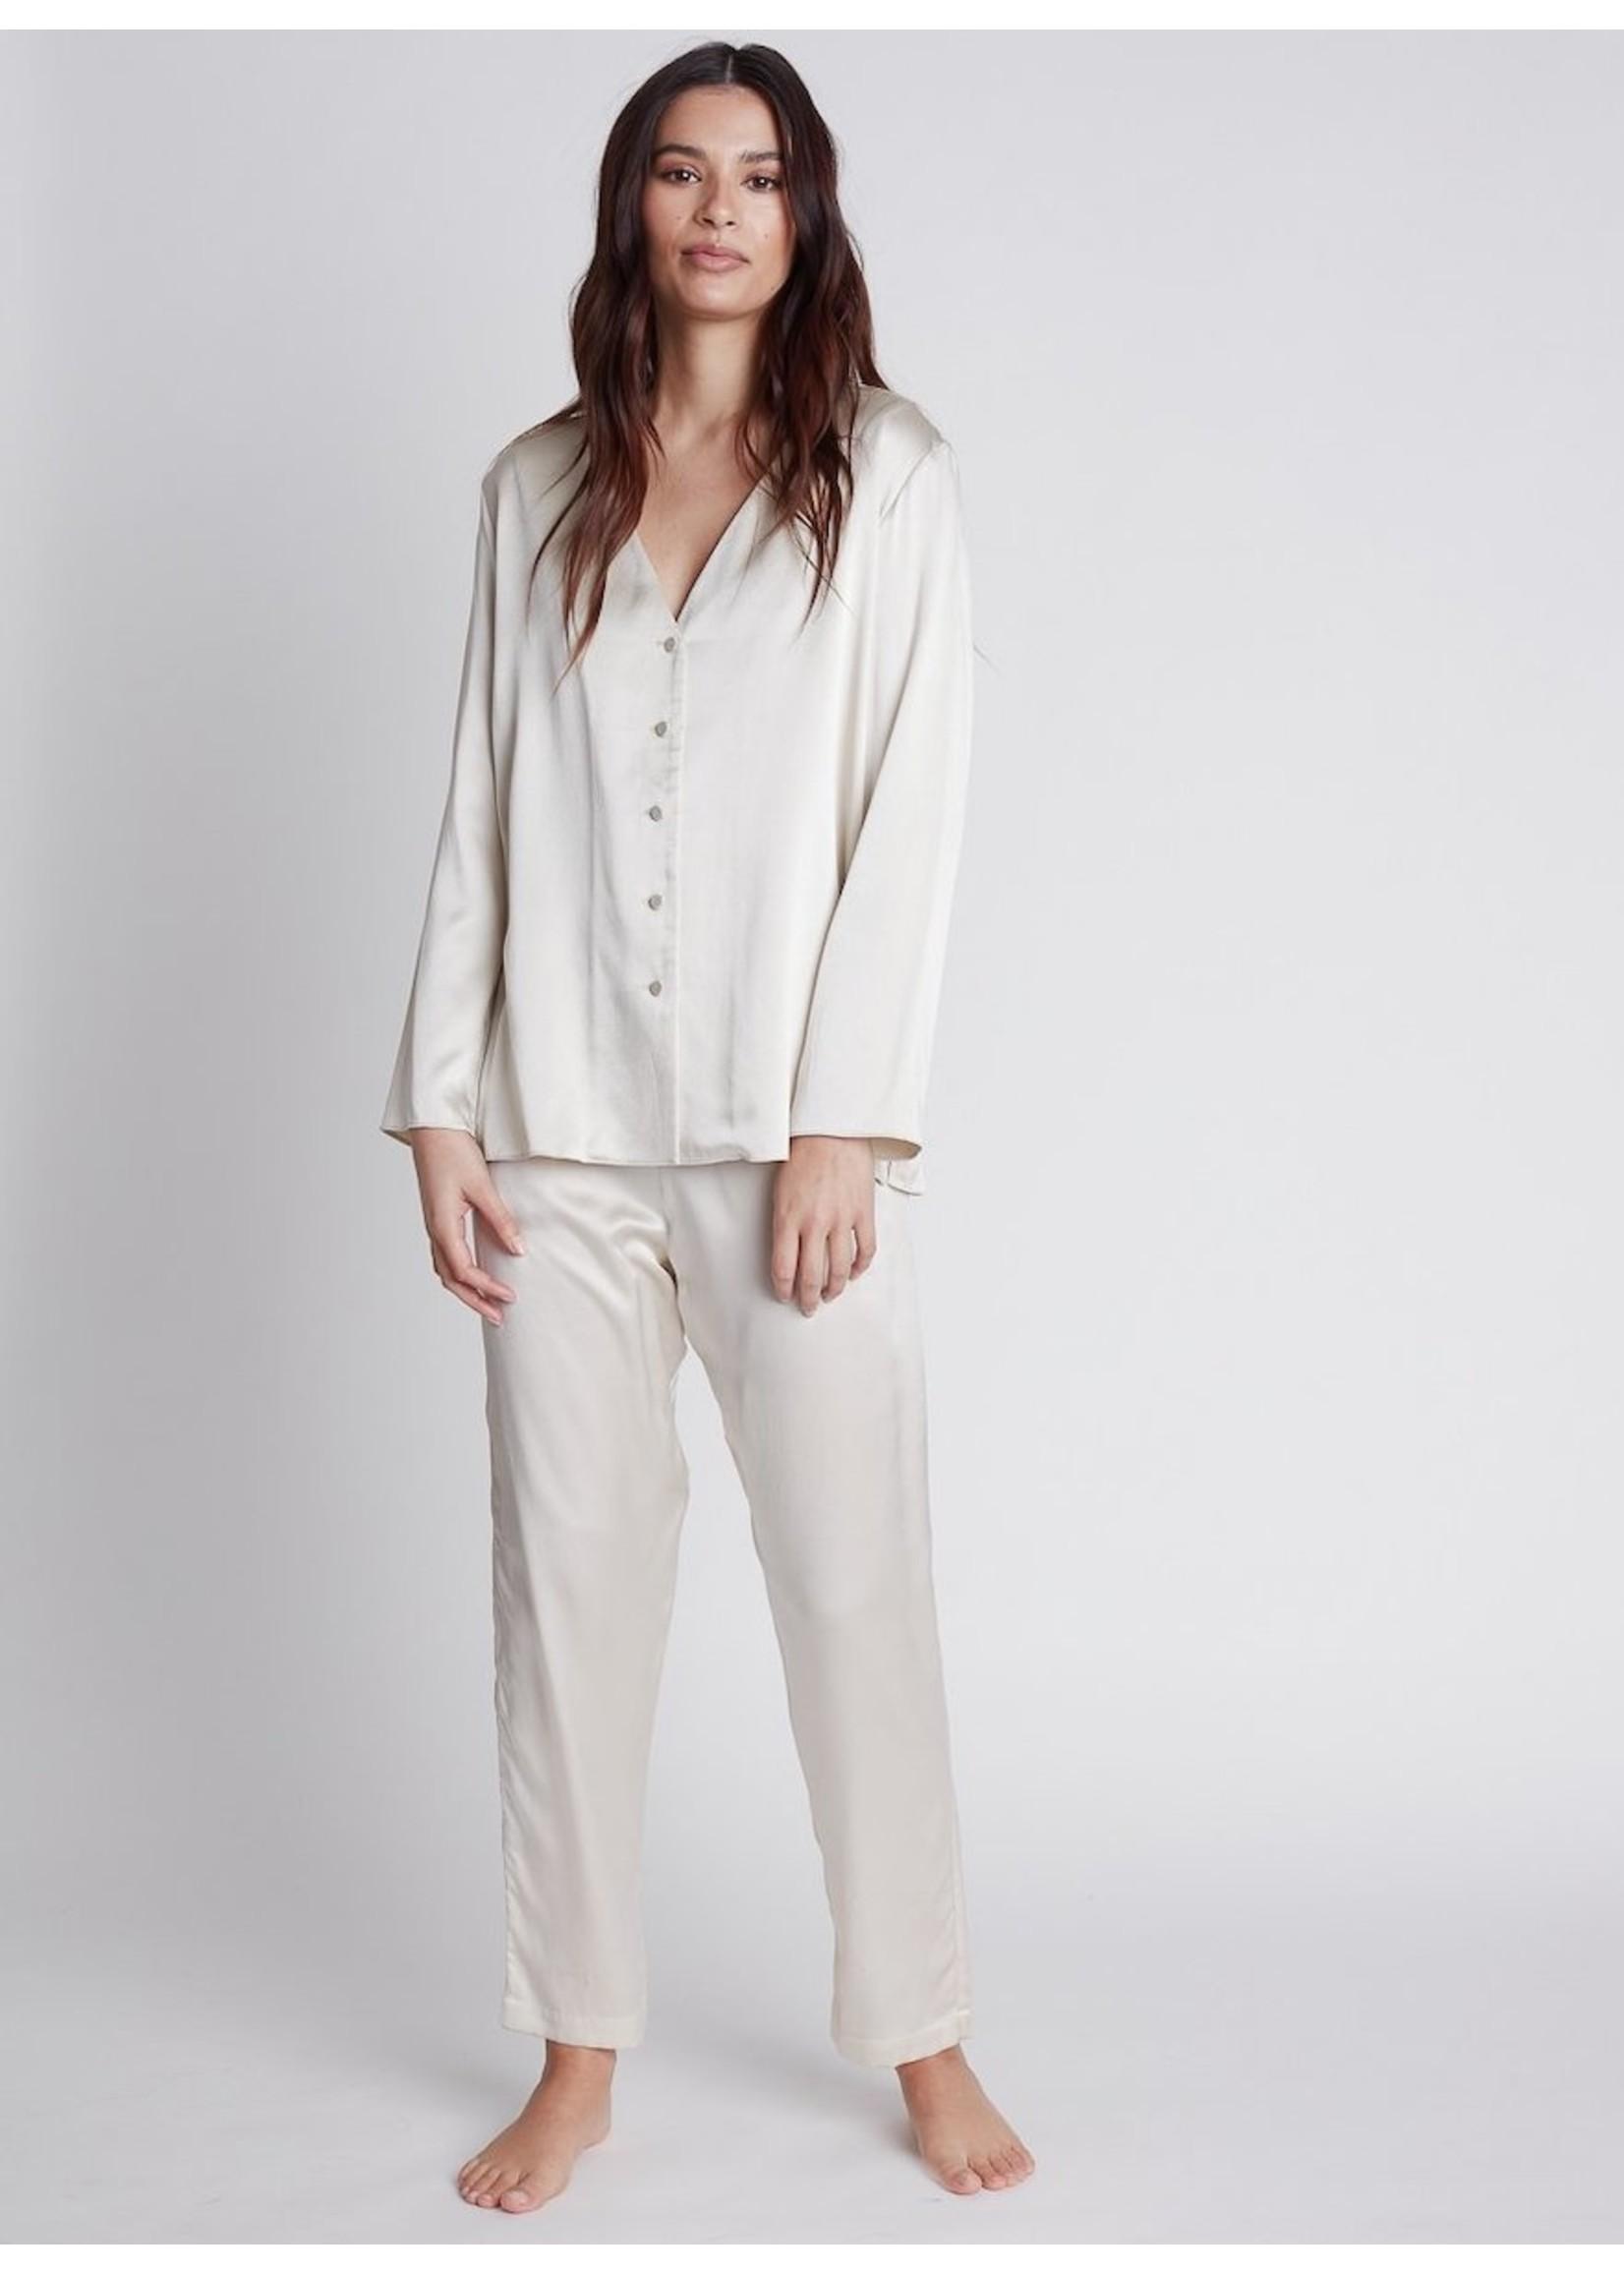 Nileta Silk Long Sleeve Button Ups